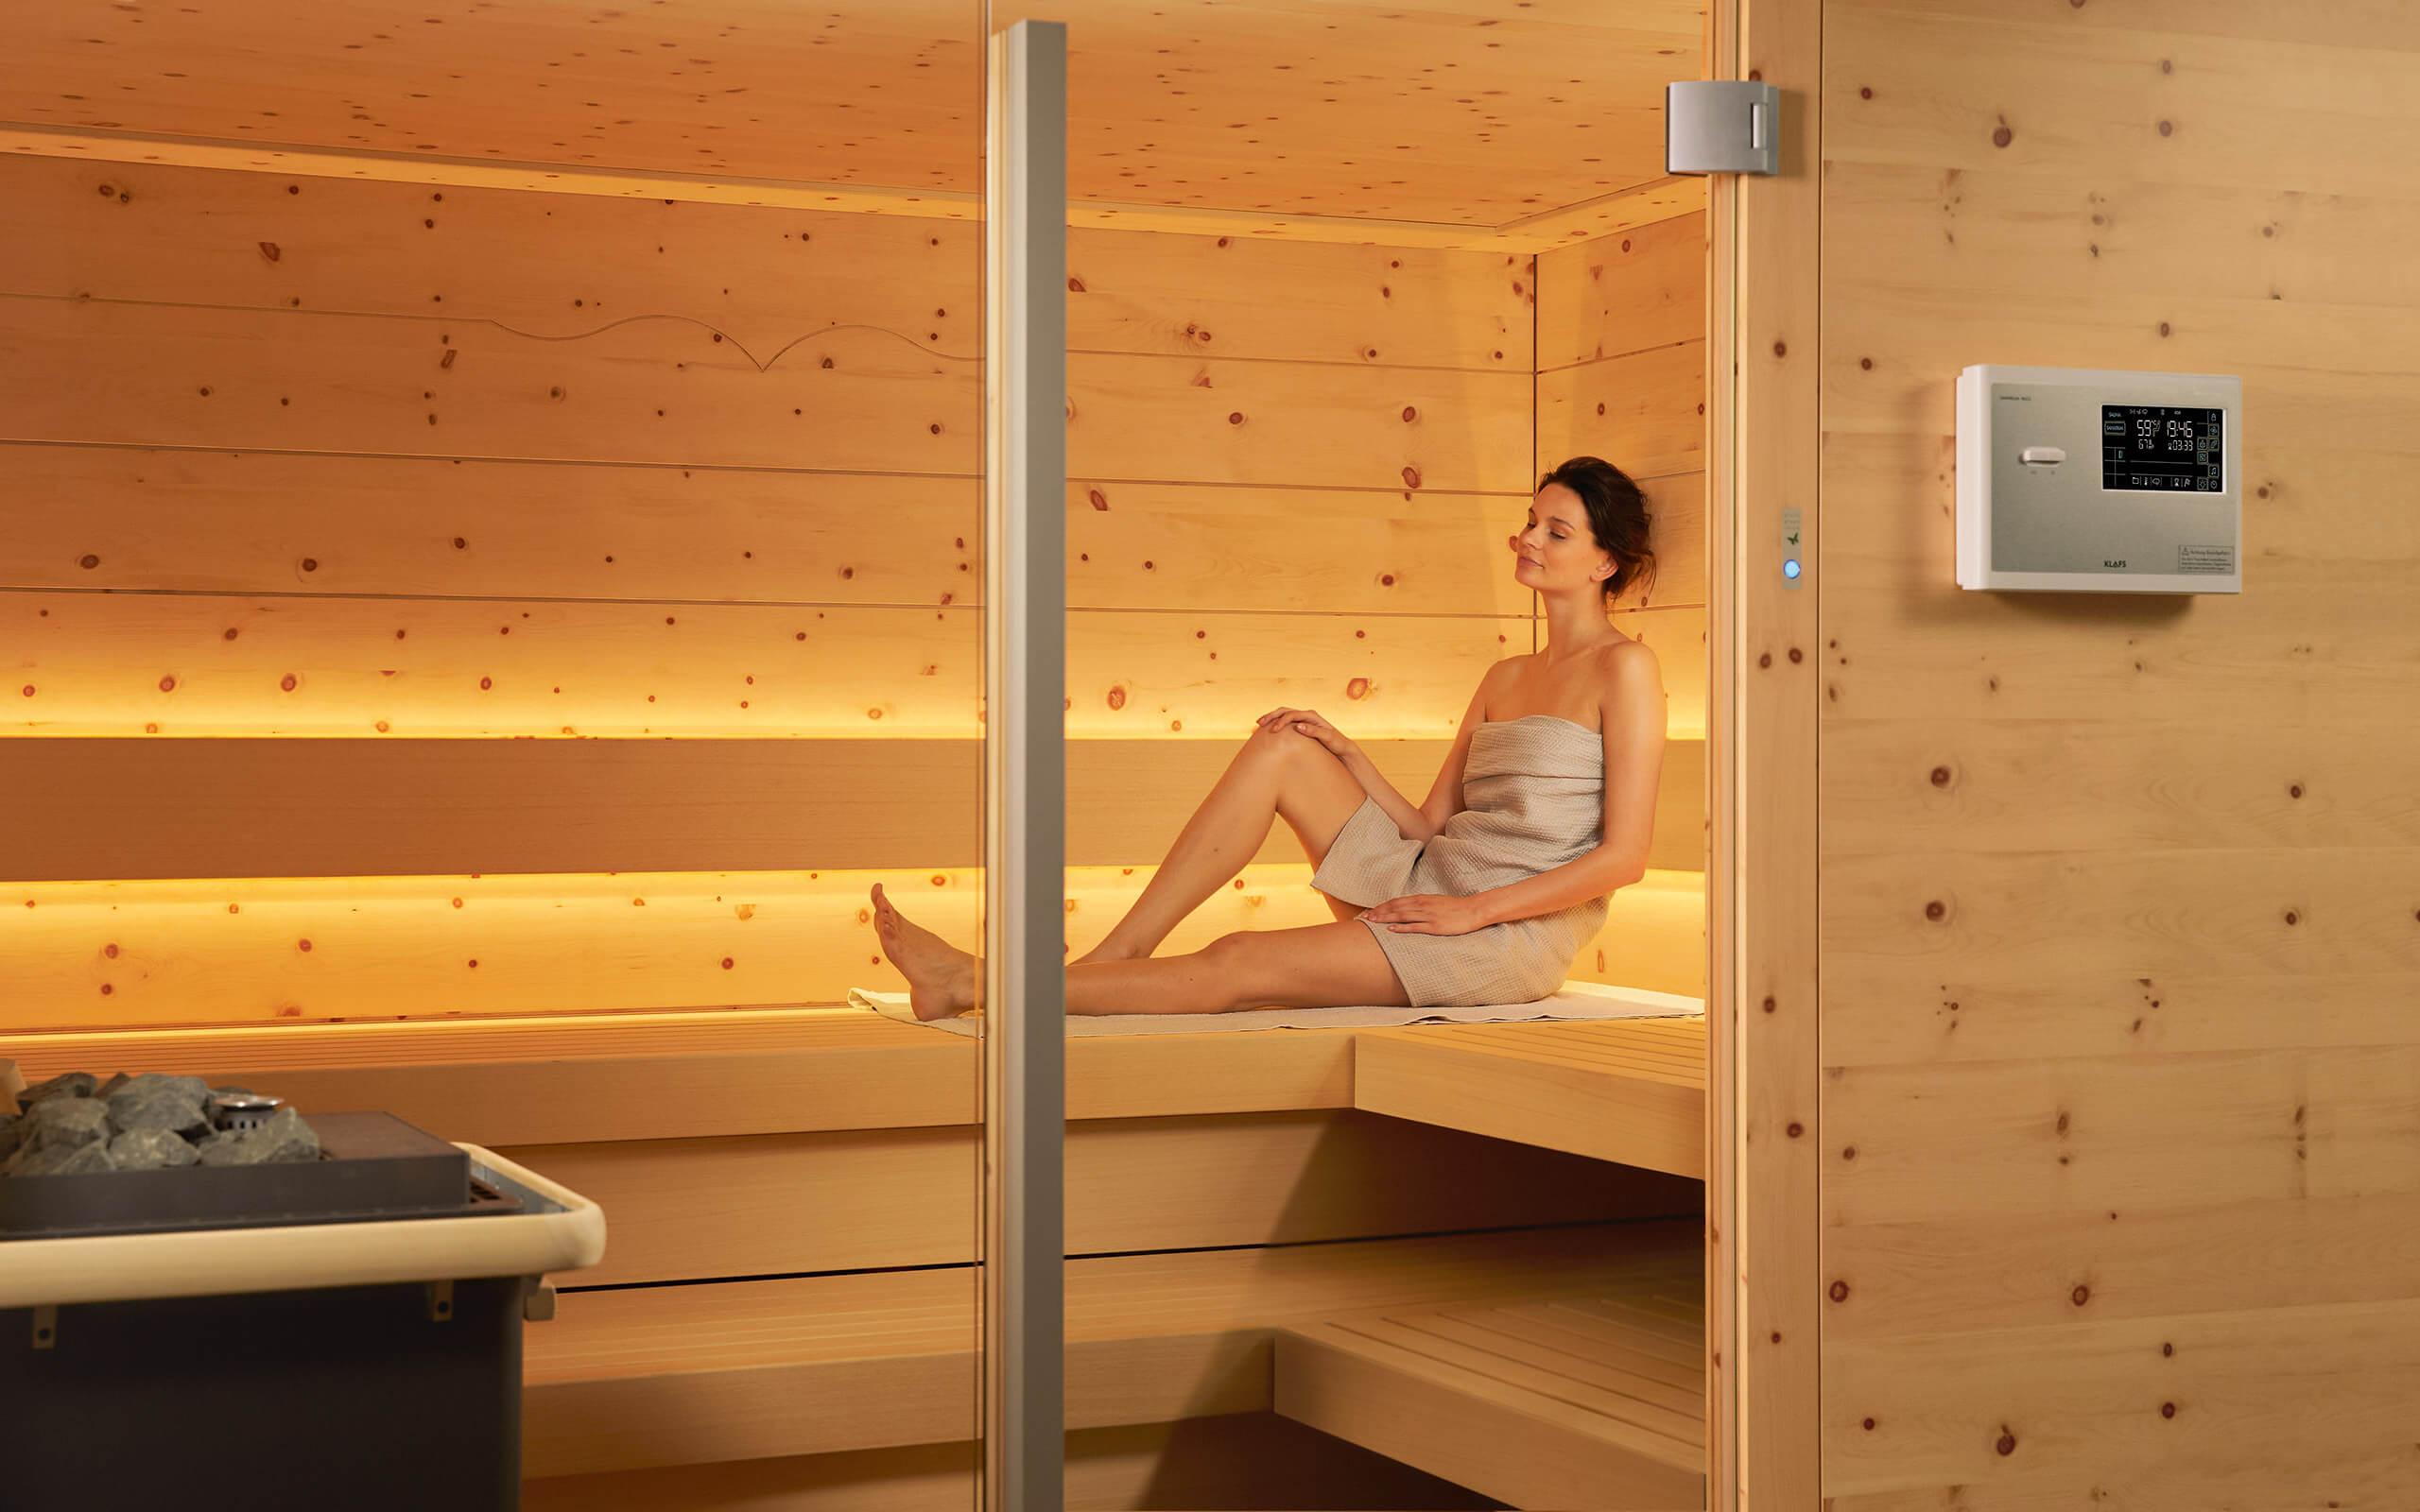 2. Die Sauna ist betriebsbereit und wartet auf Ihren Einsatz.